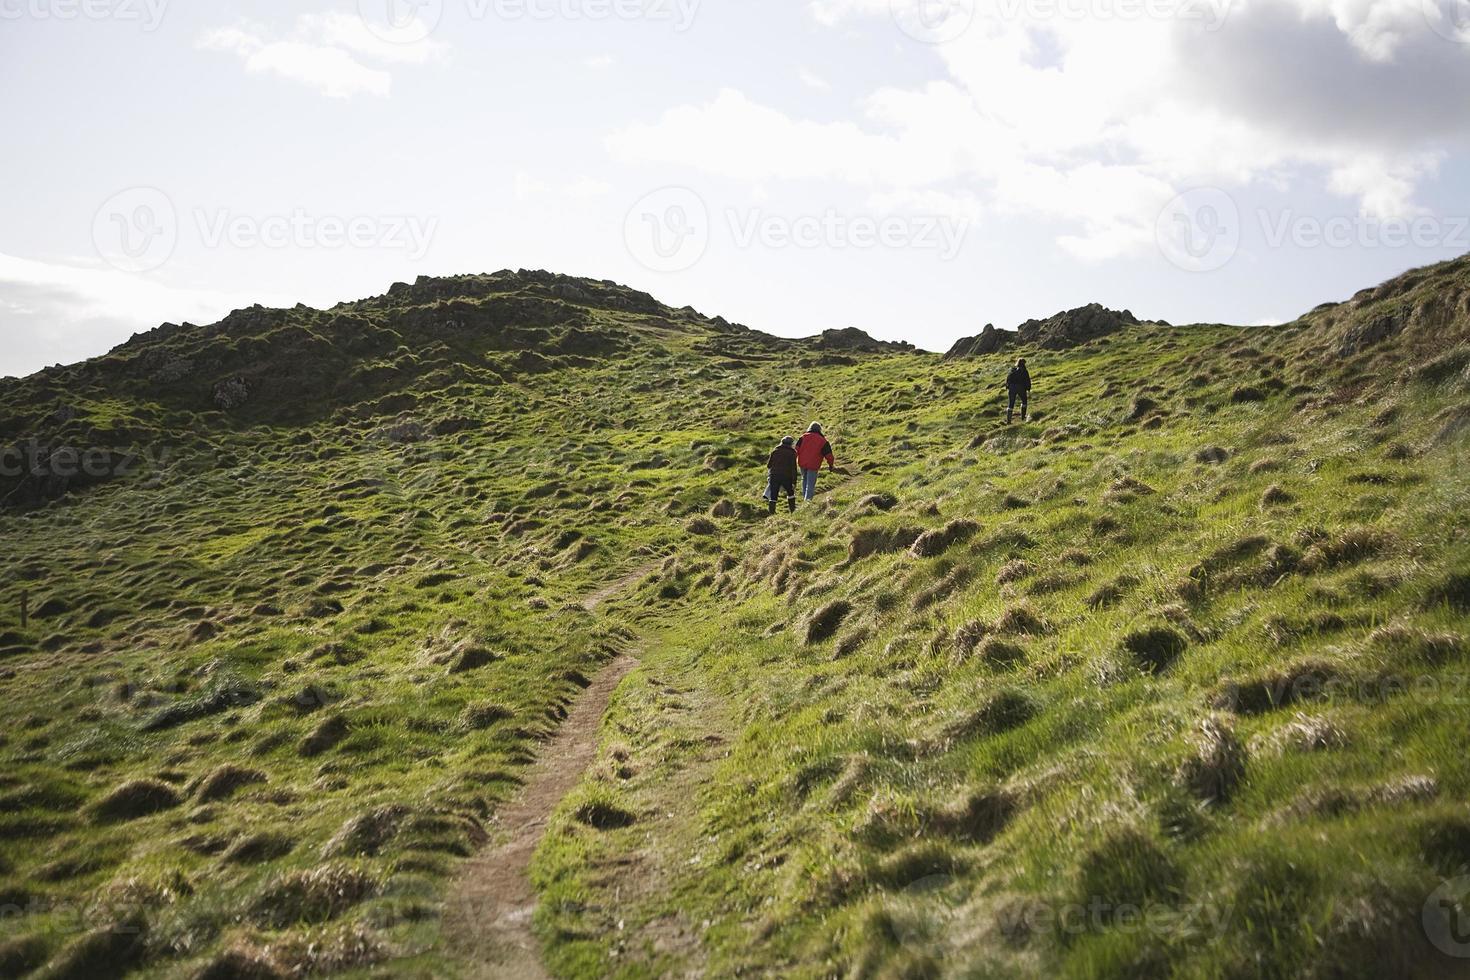 drie mensen klimmen heuvel op foto